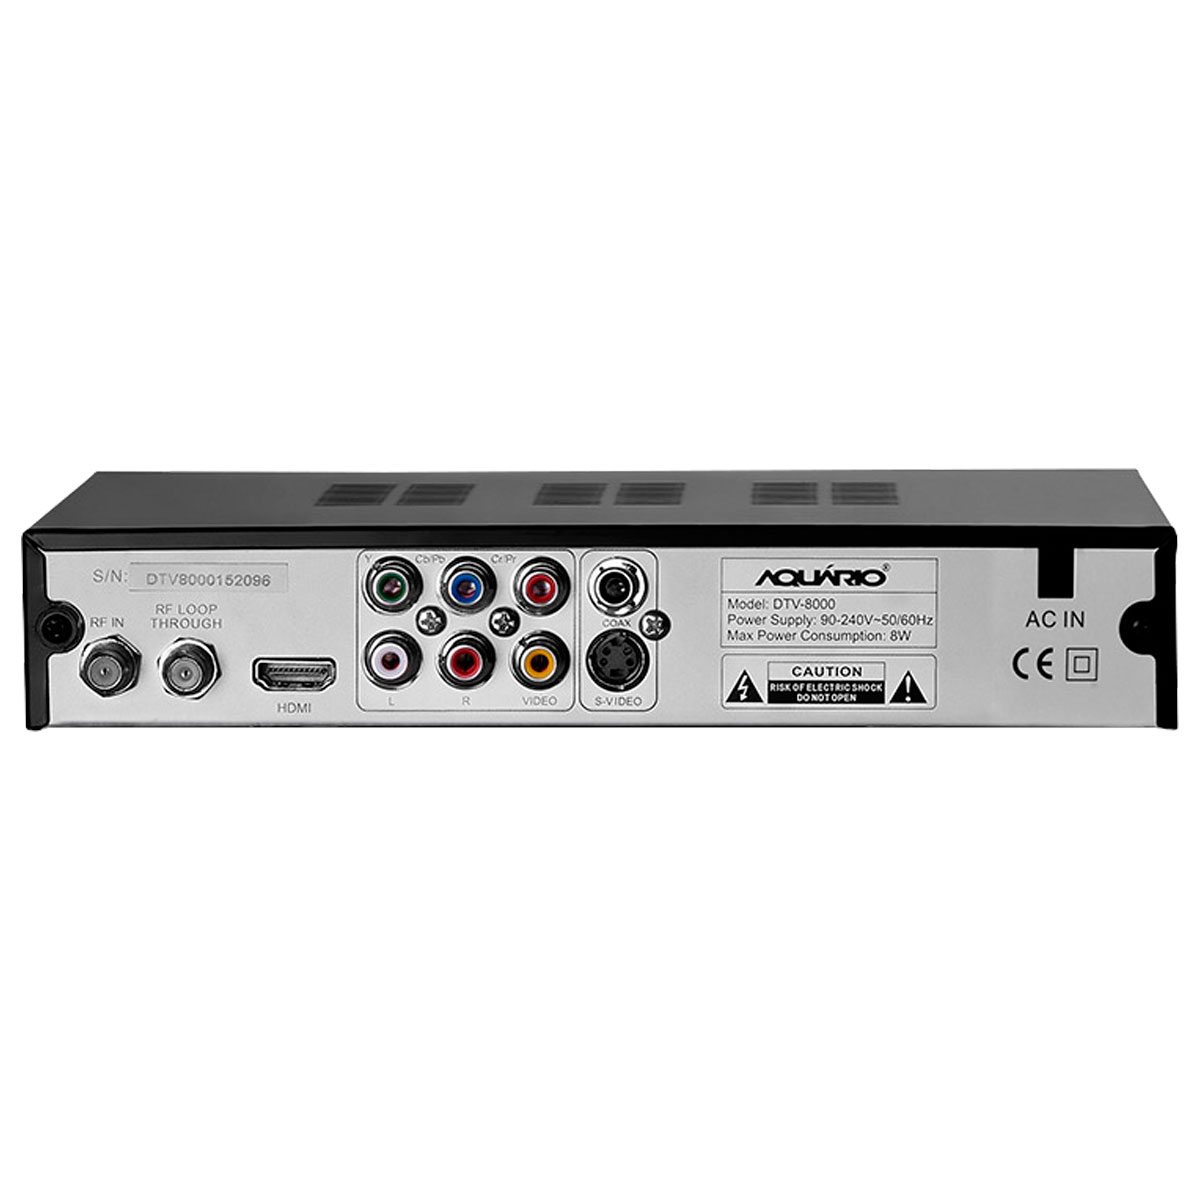 DTV 8000 - Conversor e Gravador Digital de TV Full HD DTV8000 Aquário